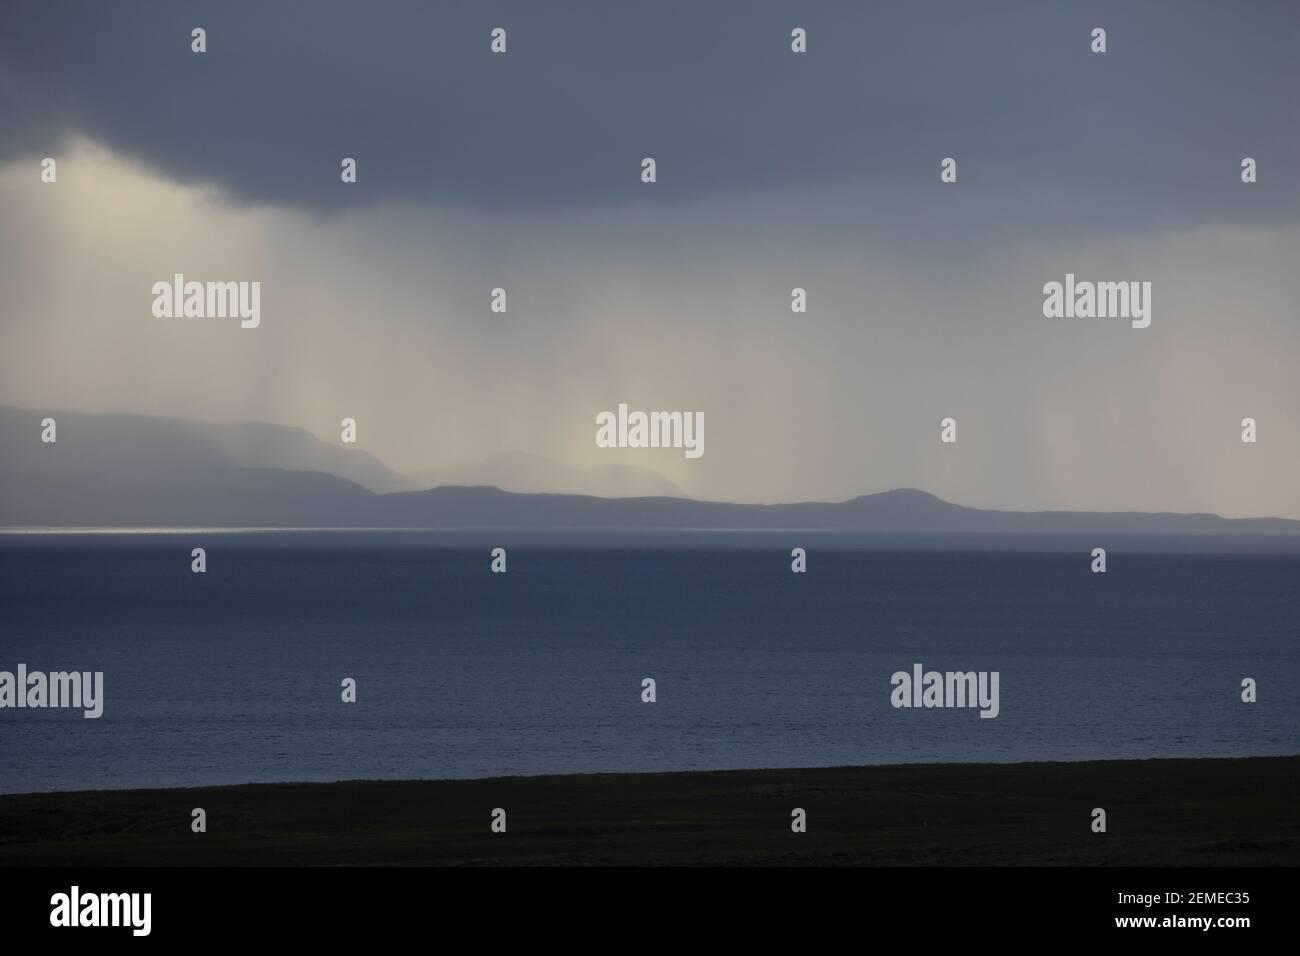 Regen über dem Meer, Unwetter, Wetter, Sonnenstrahlen, Wolkenhimmel, Regenschauer, Schauer, Wolken, Wolke, Regenwolke, Regenwolken, Regenfront, Unwett Stock Photo